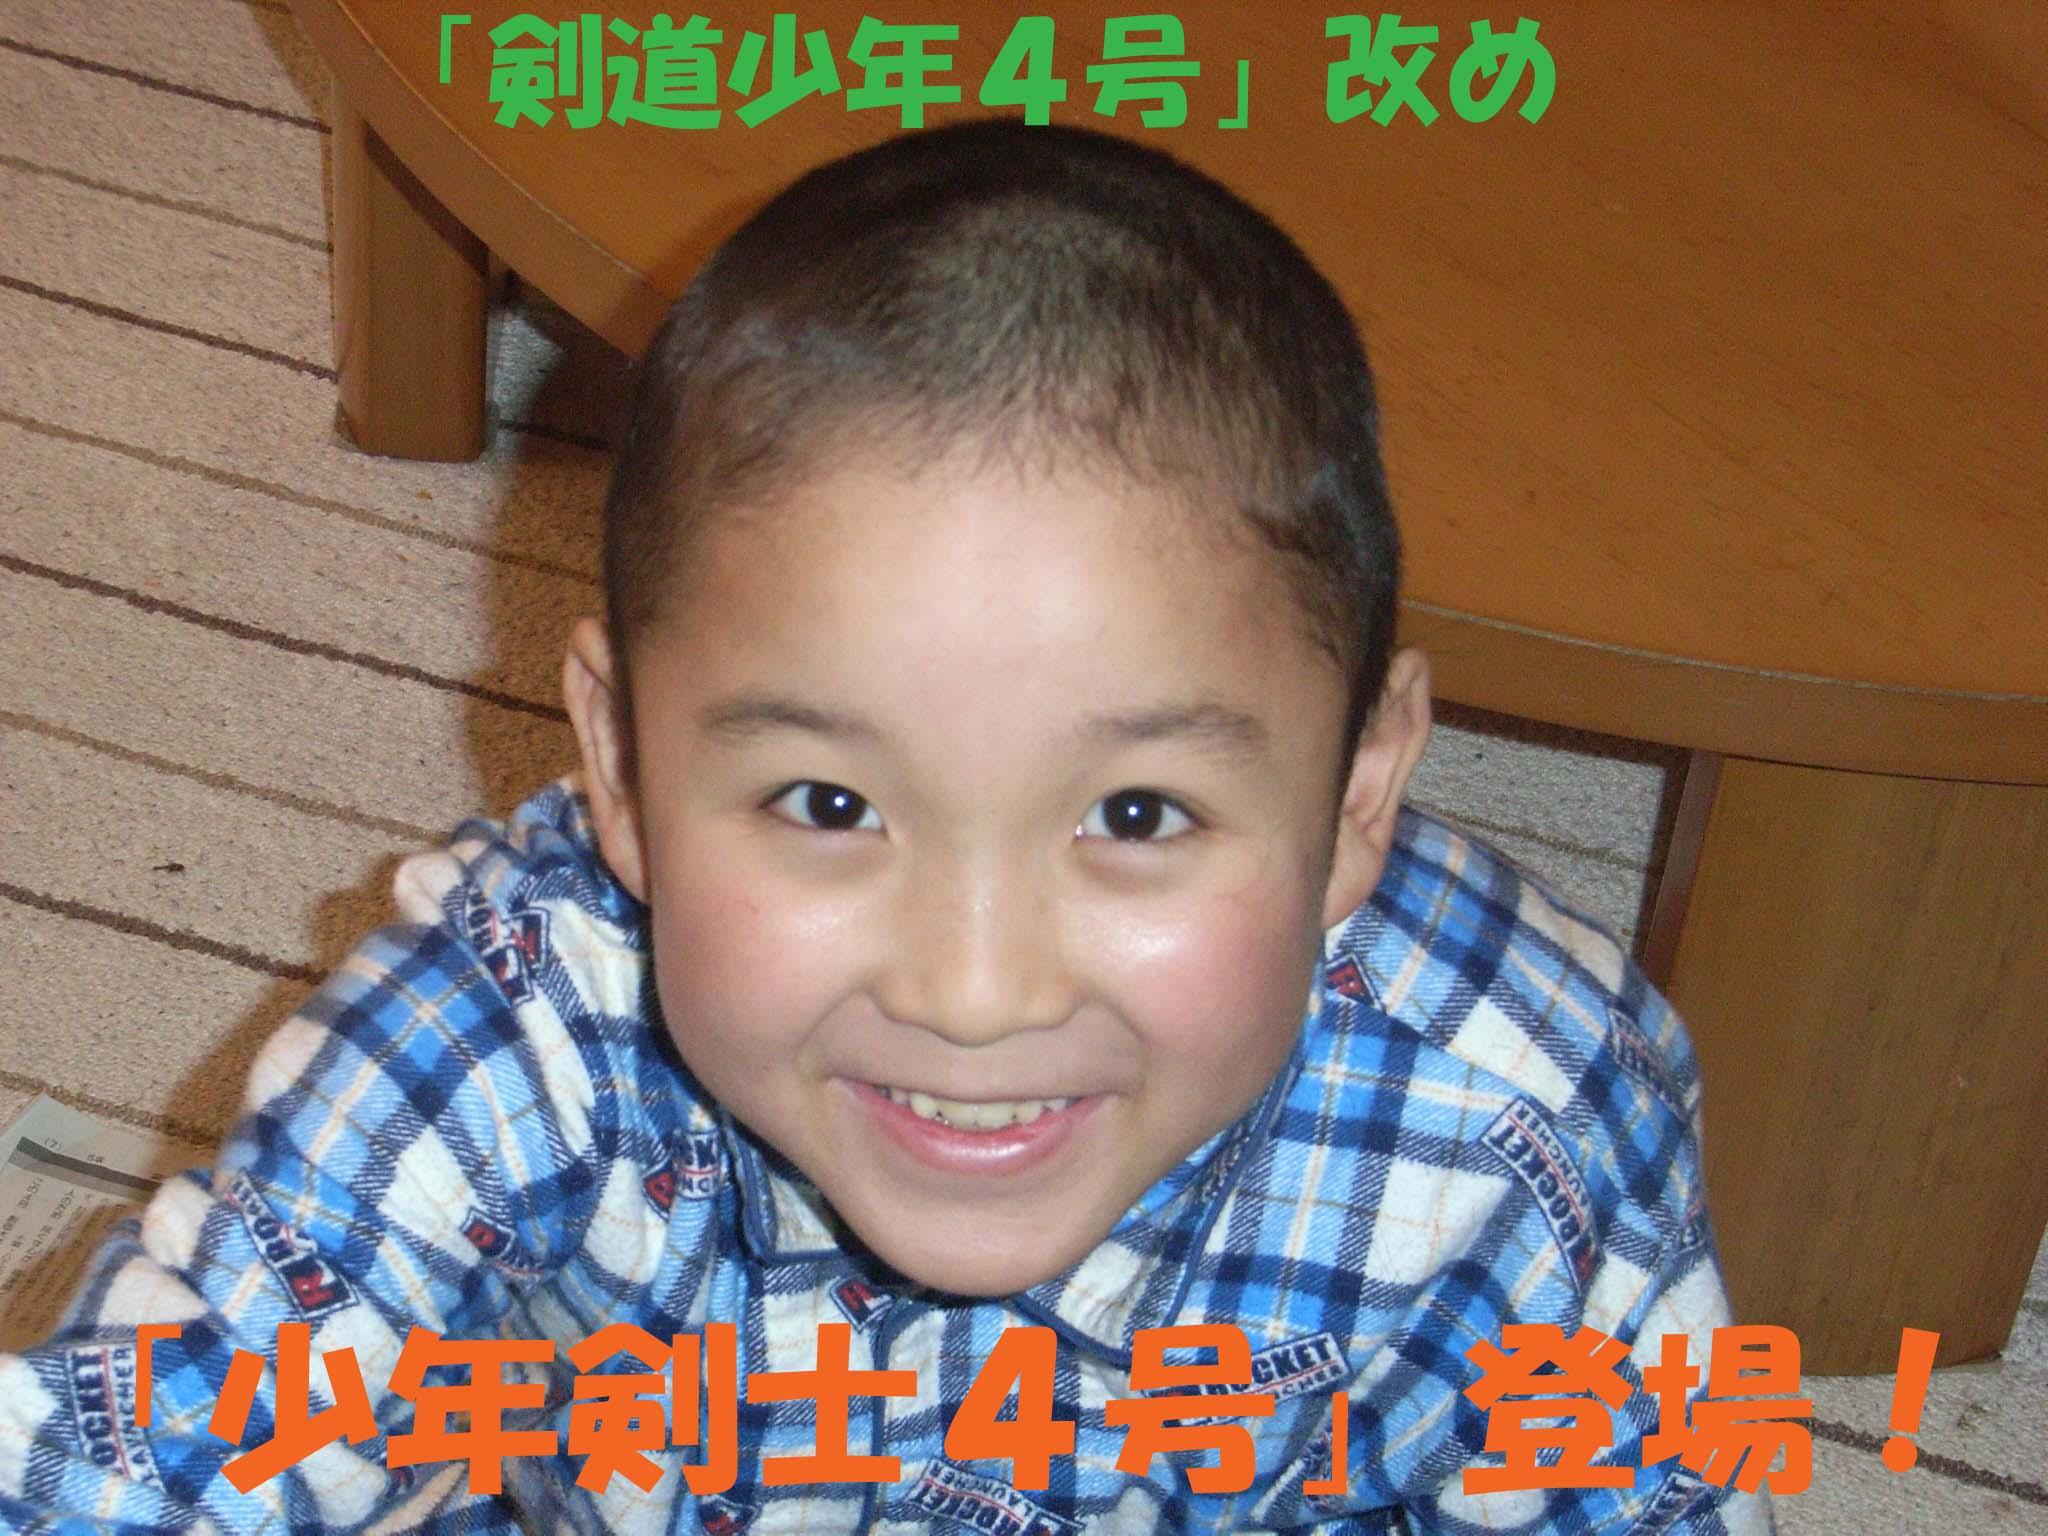 Henshin03